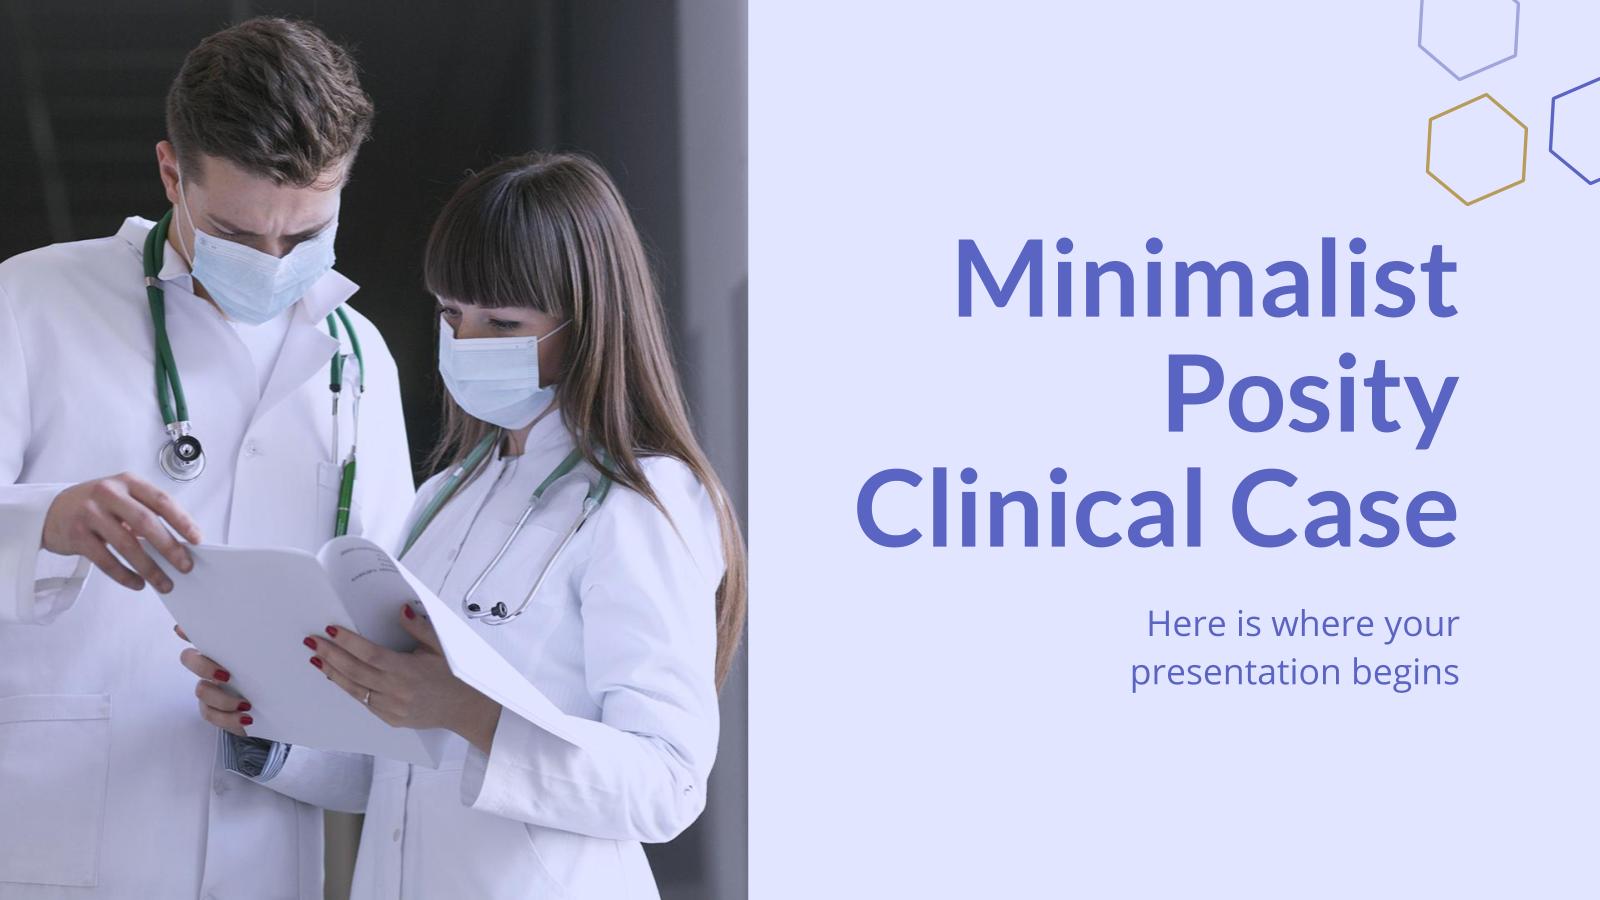 Modelo de apresentação Caso clínico Posity minimalista